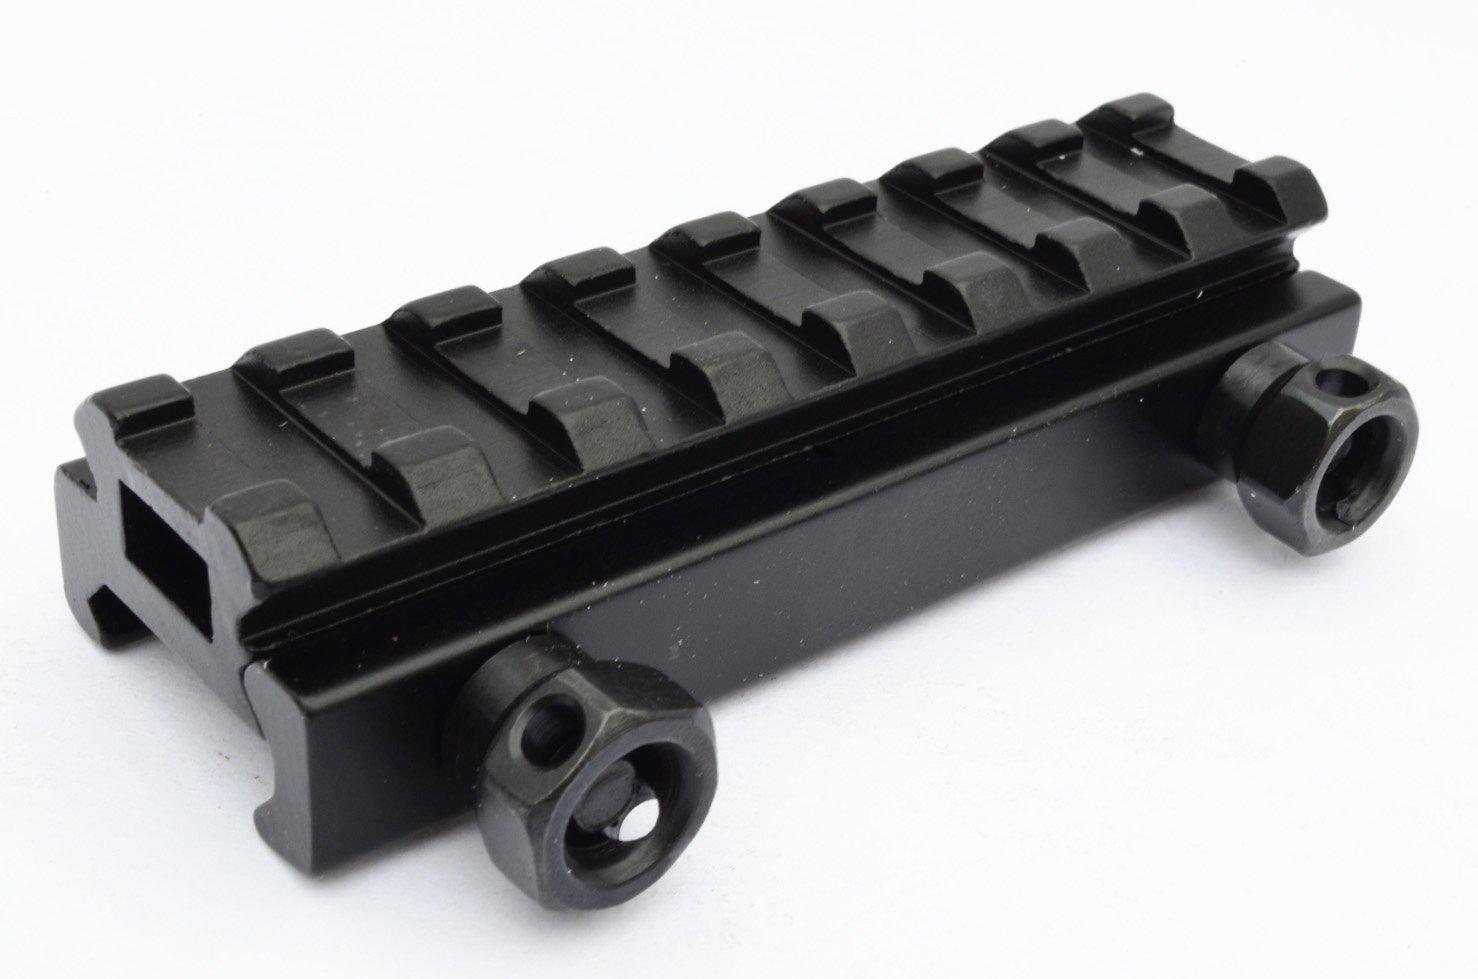 AcidTactical Picatinny Riser Flat Top Soporte para mira, 1/2Pulgadas (1,27 cm) Acid Tactical